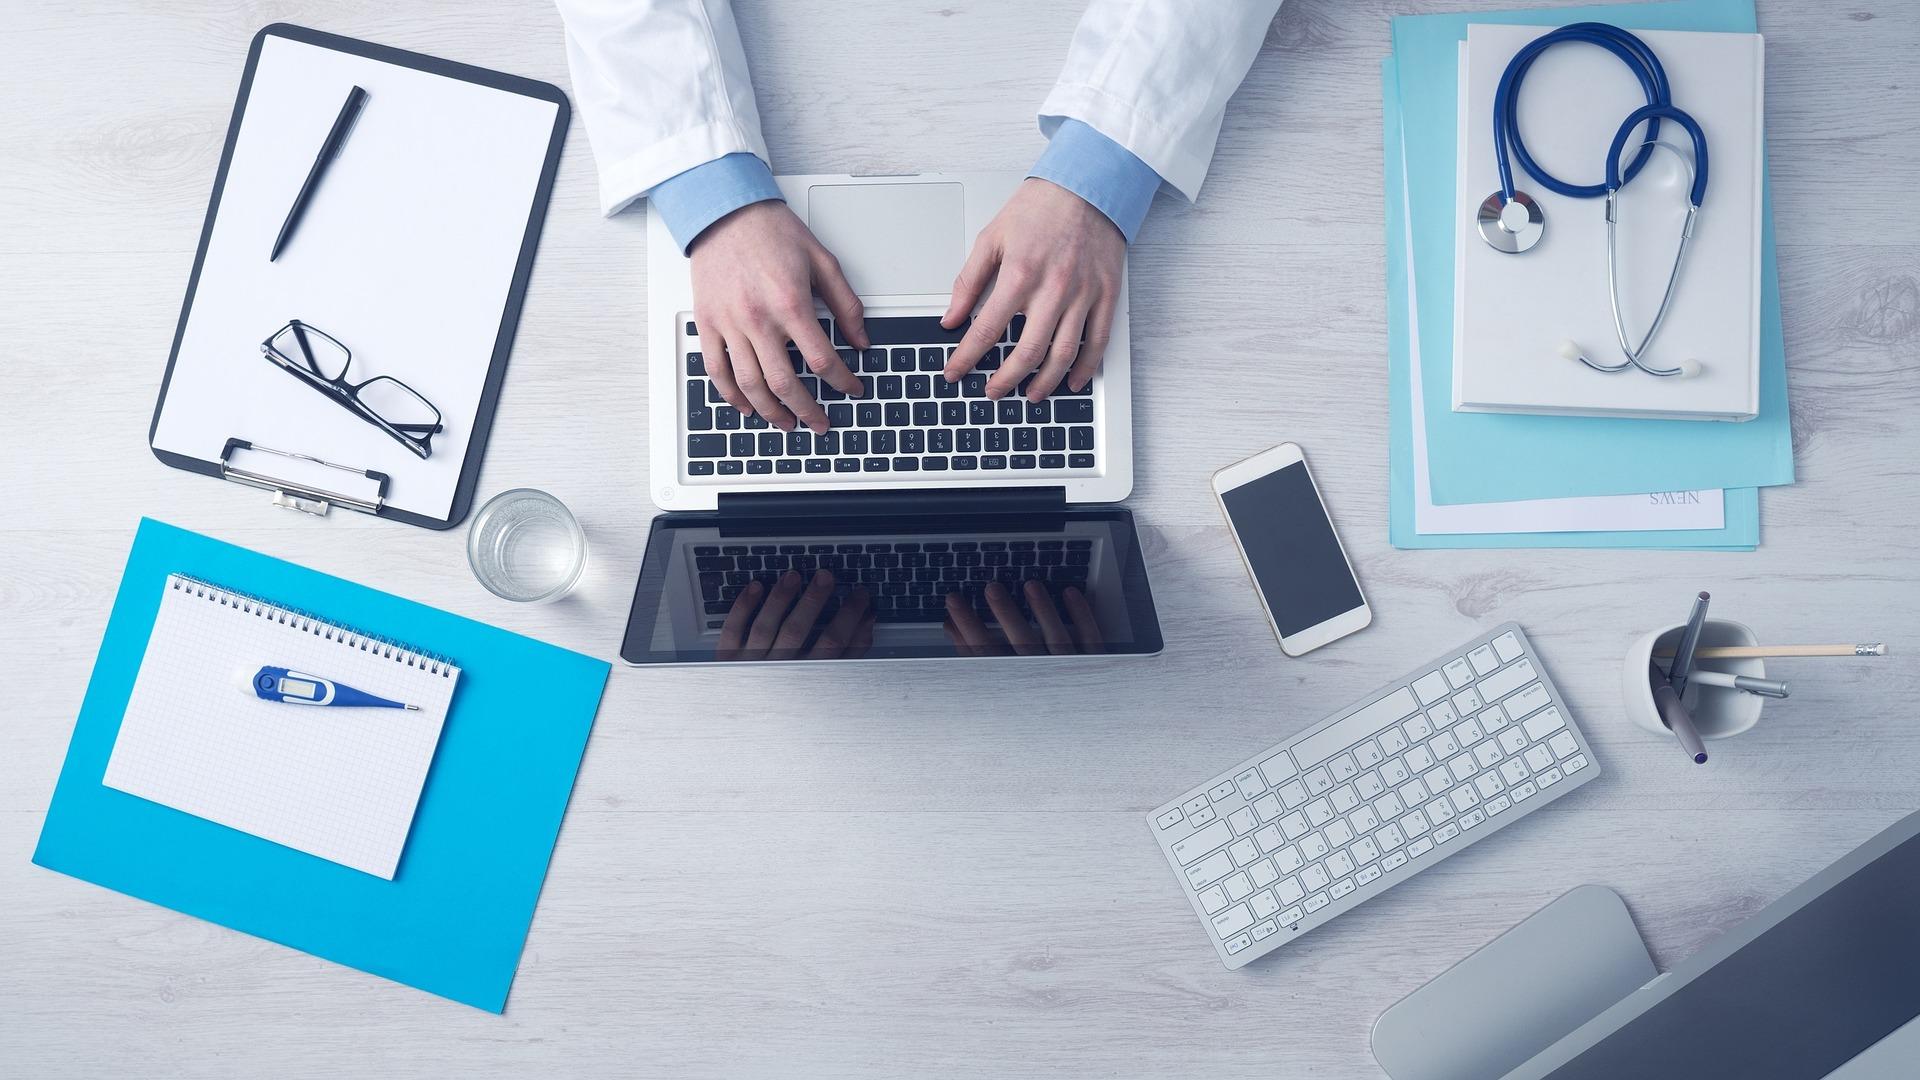 computer doctors social media doctor medicine